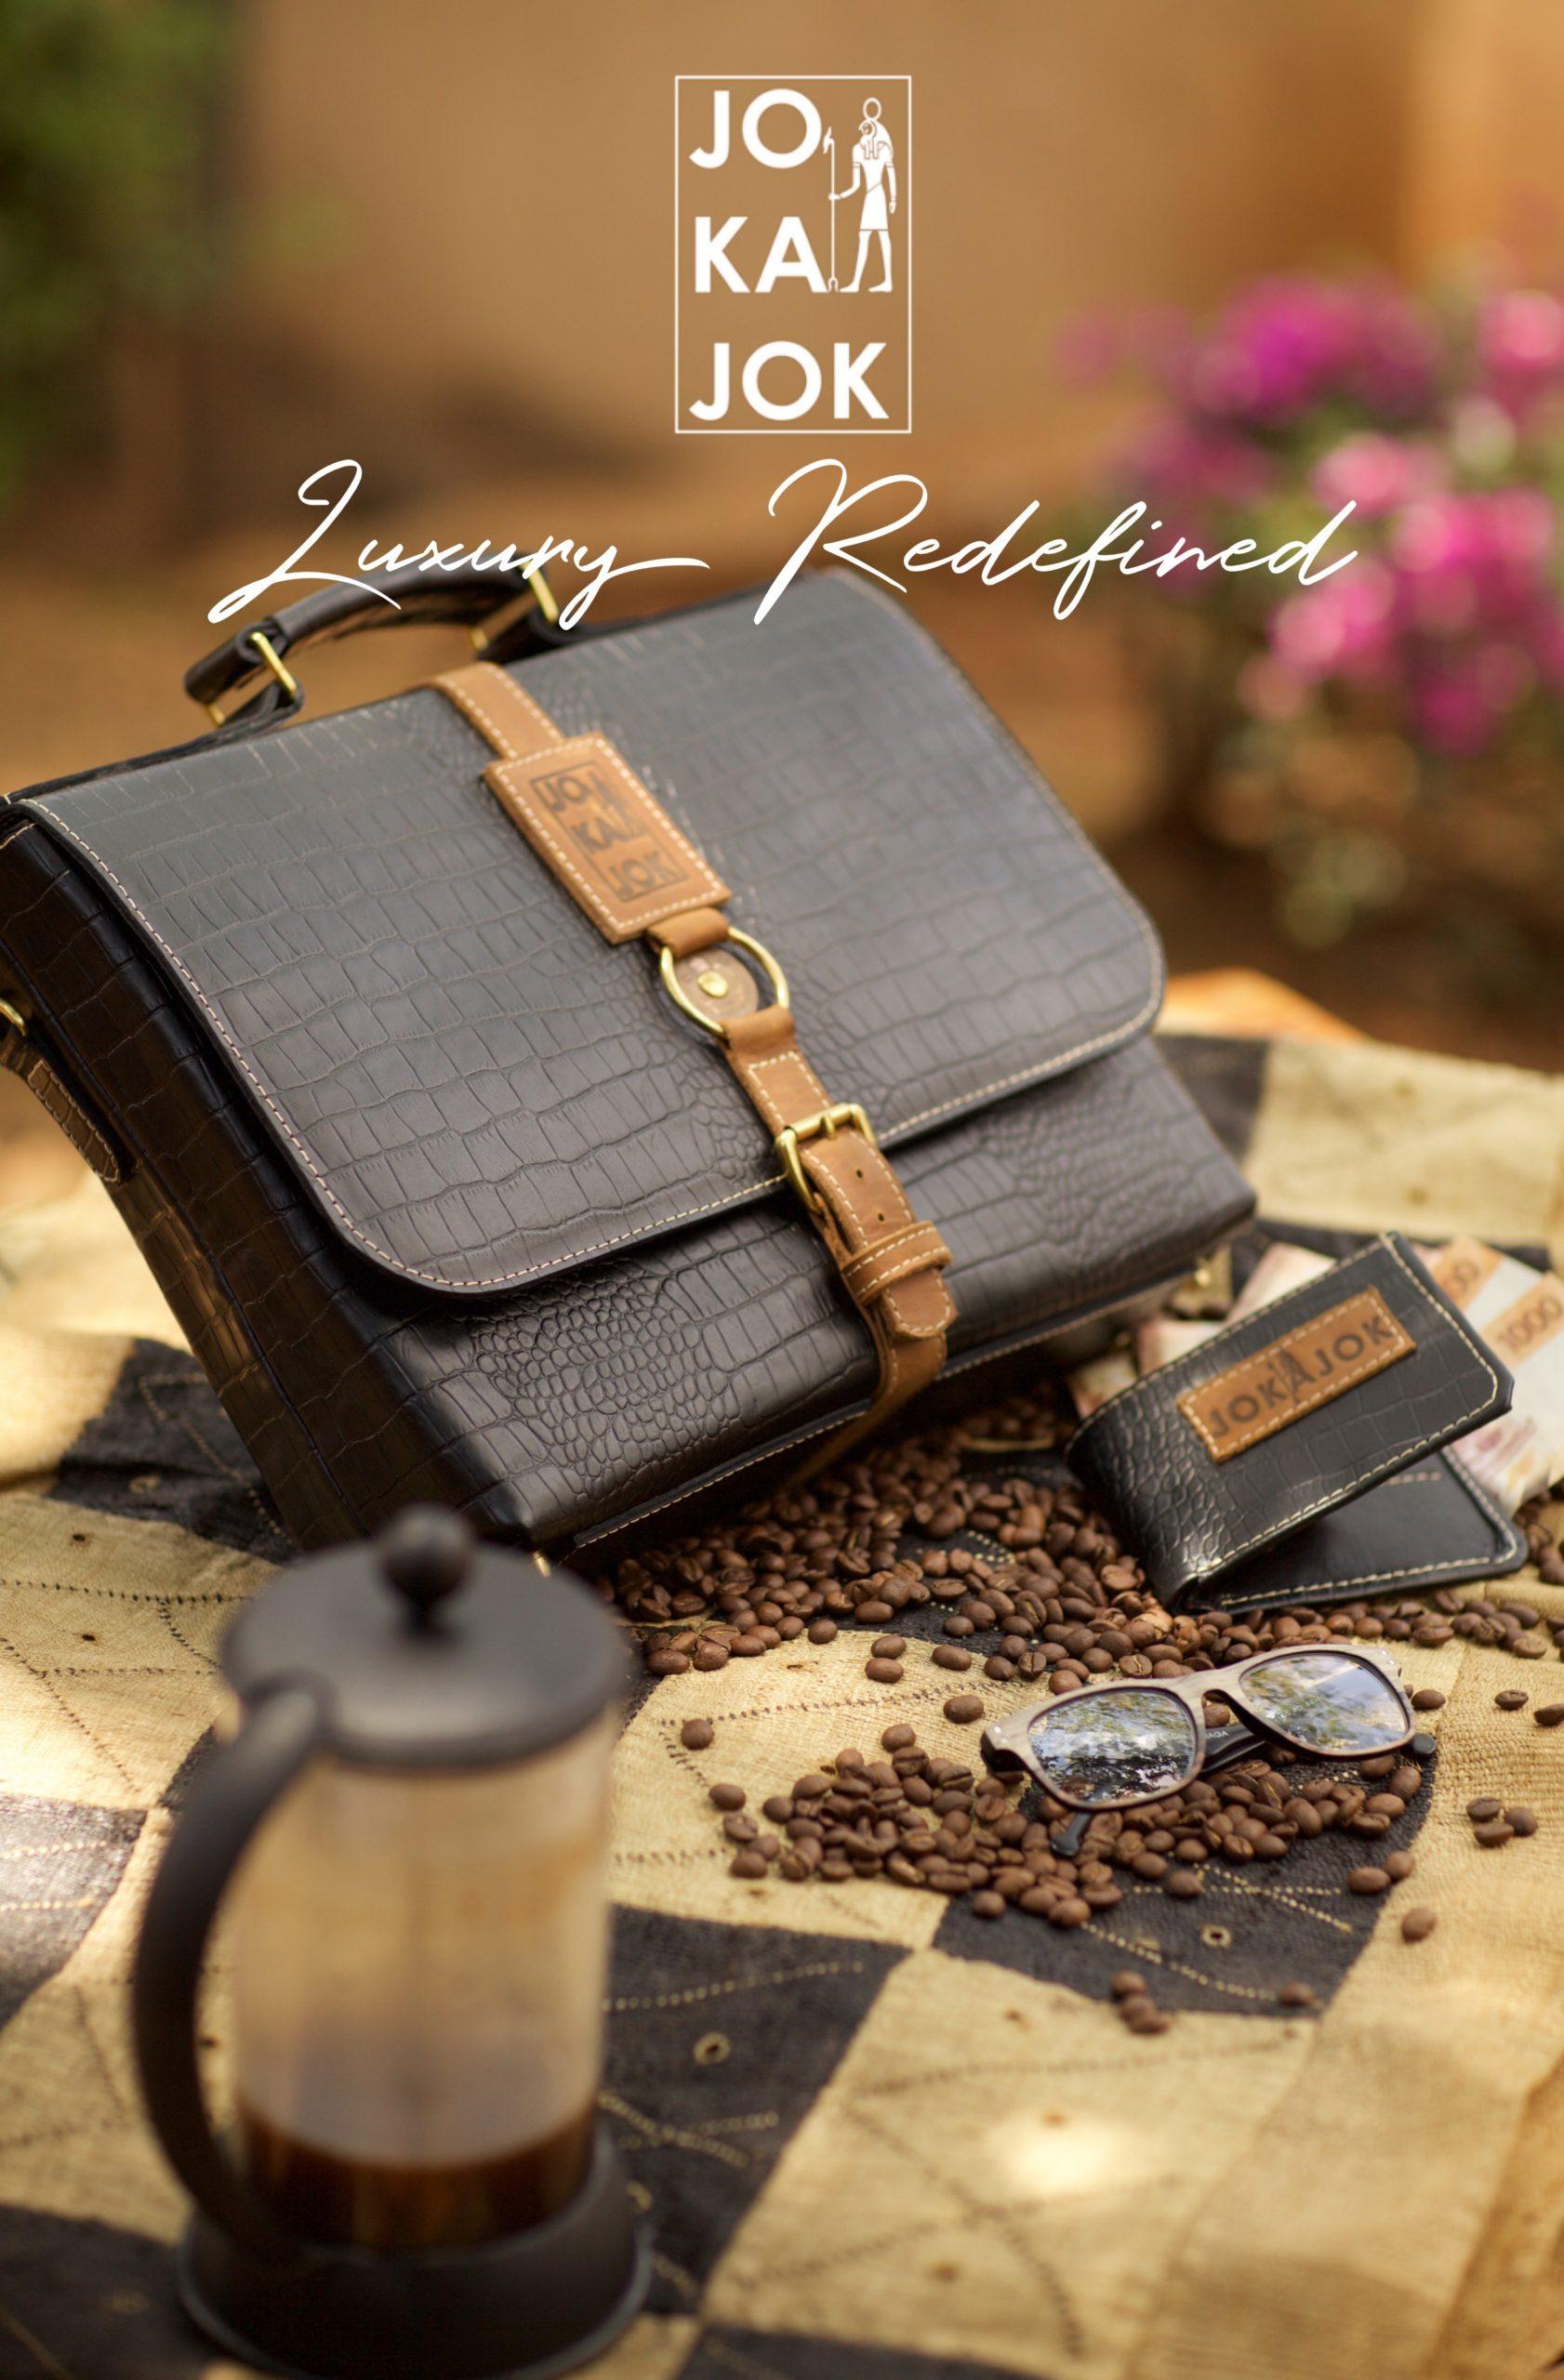 Online luxury fashion shopping sites in Kenya Jokajok